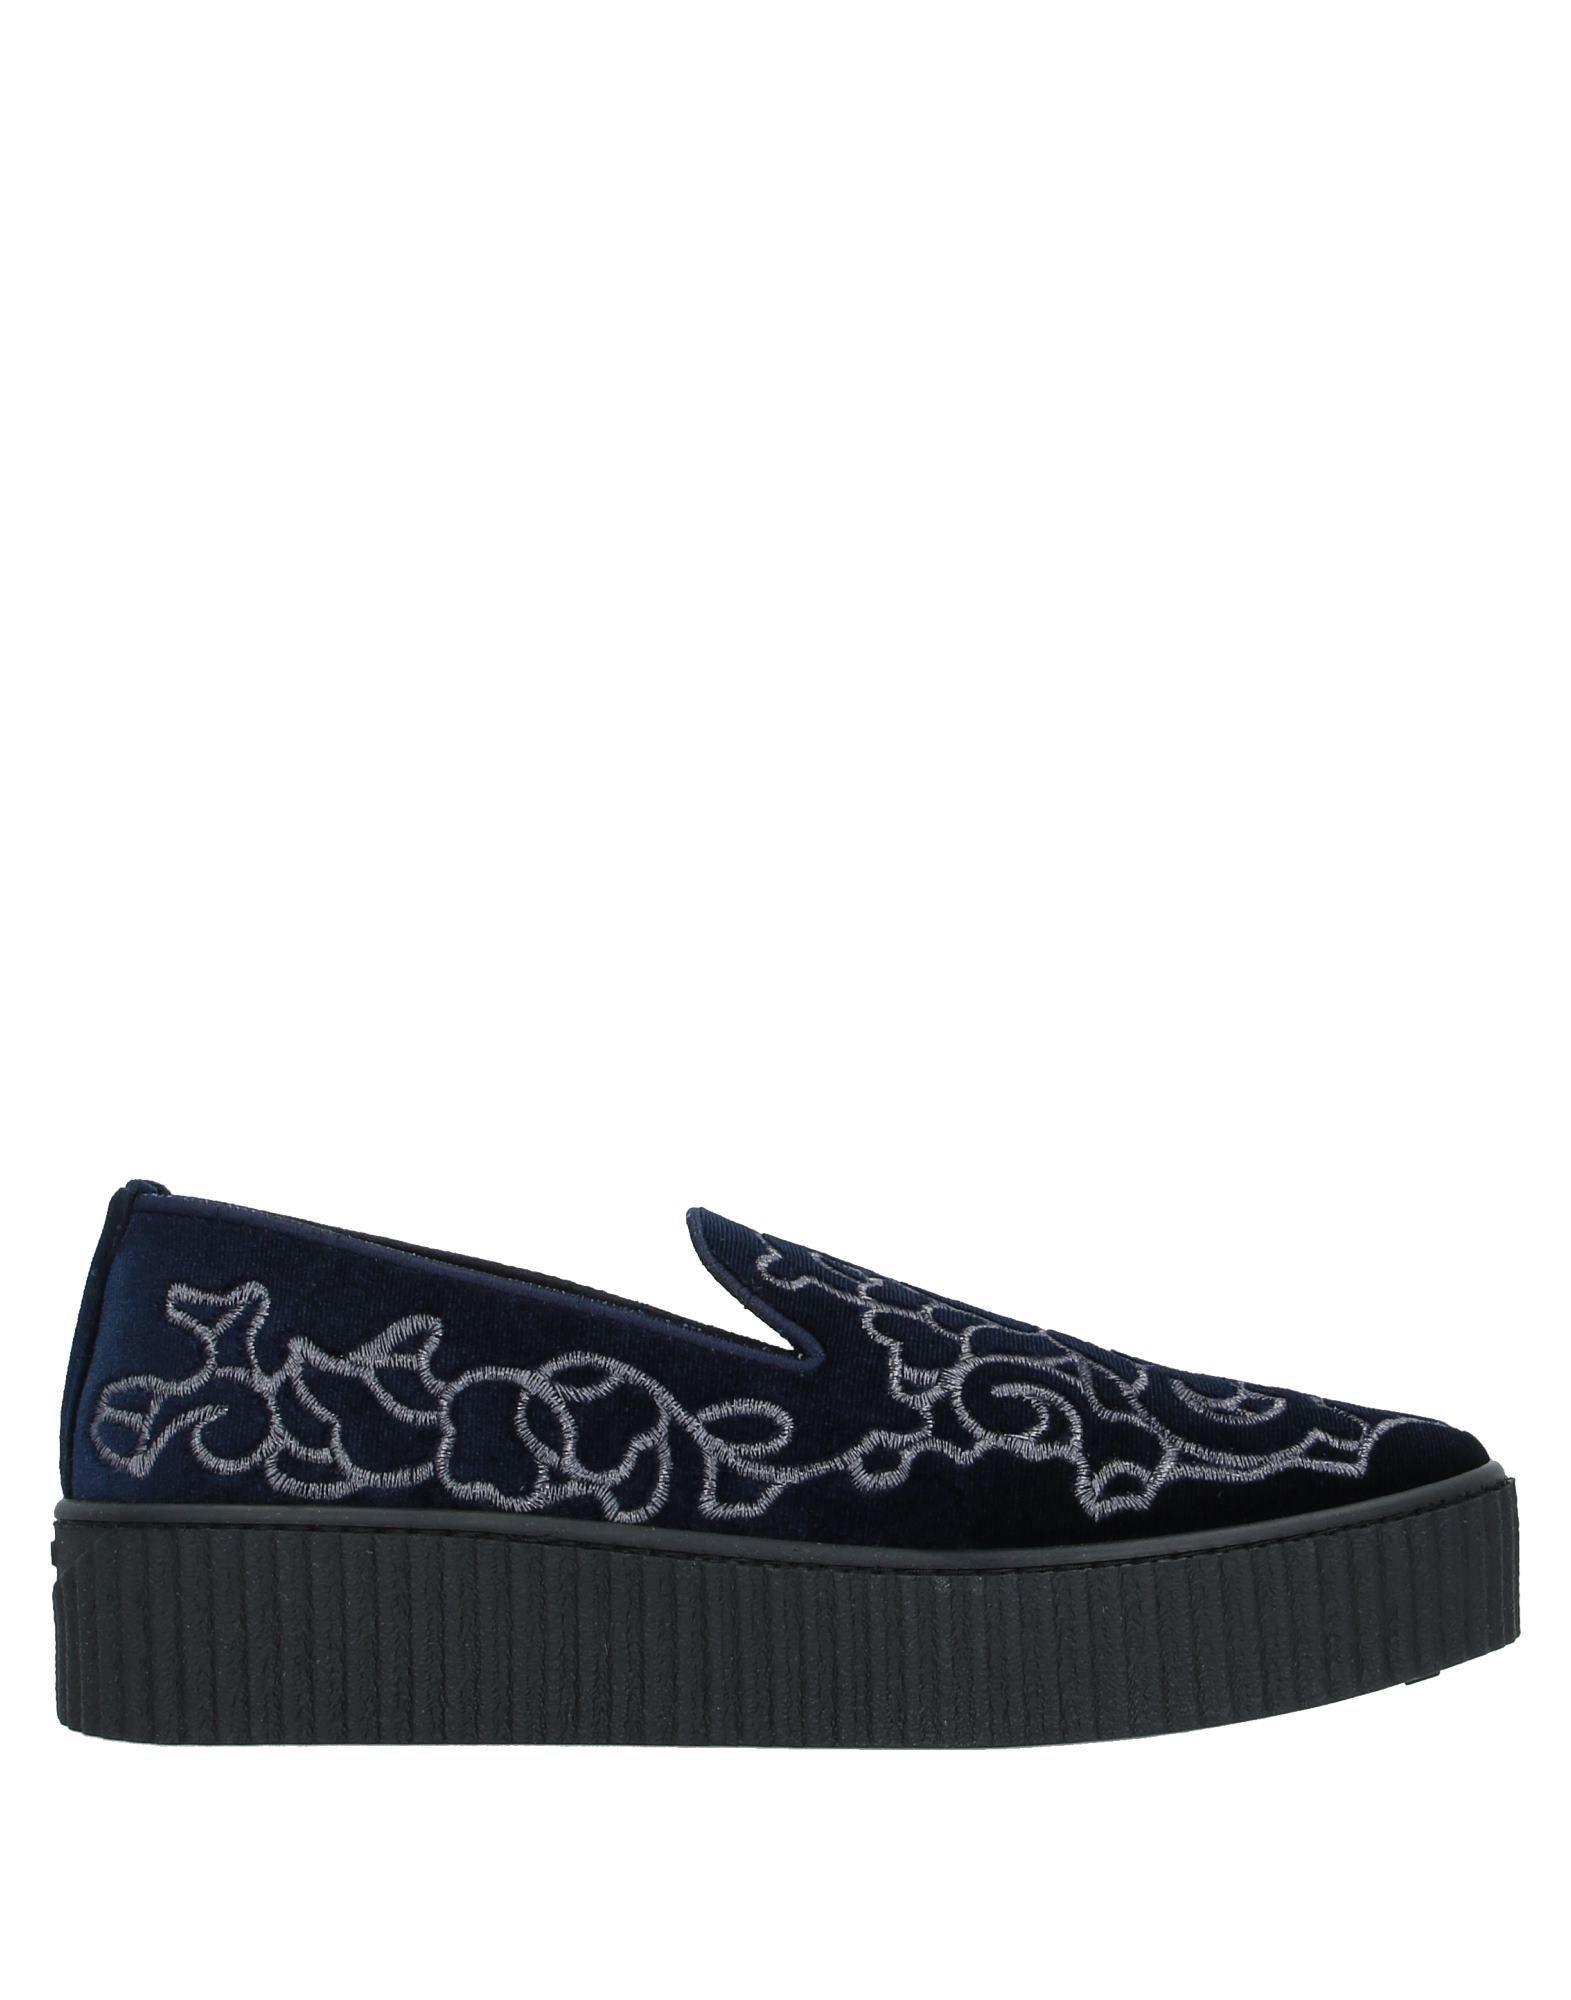 Pinko Dark Blue Velvet Embroidered Loafers